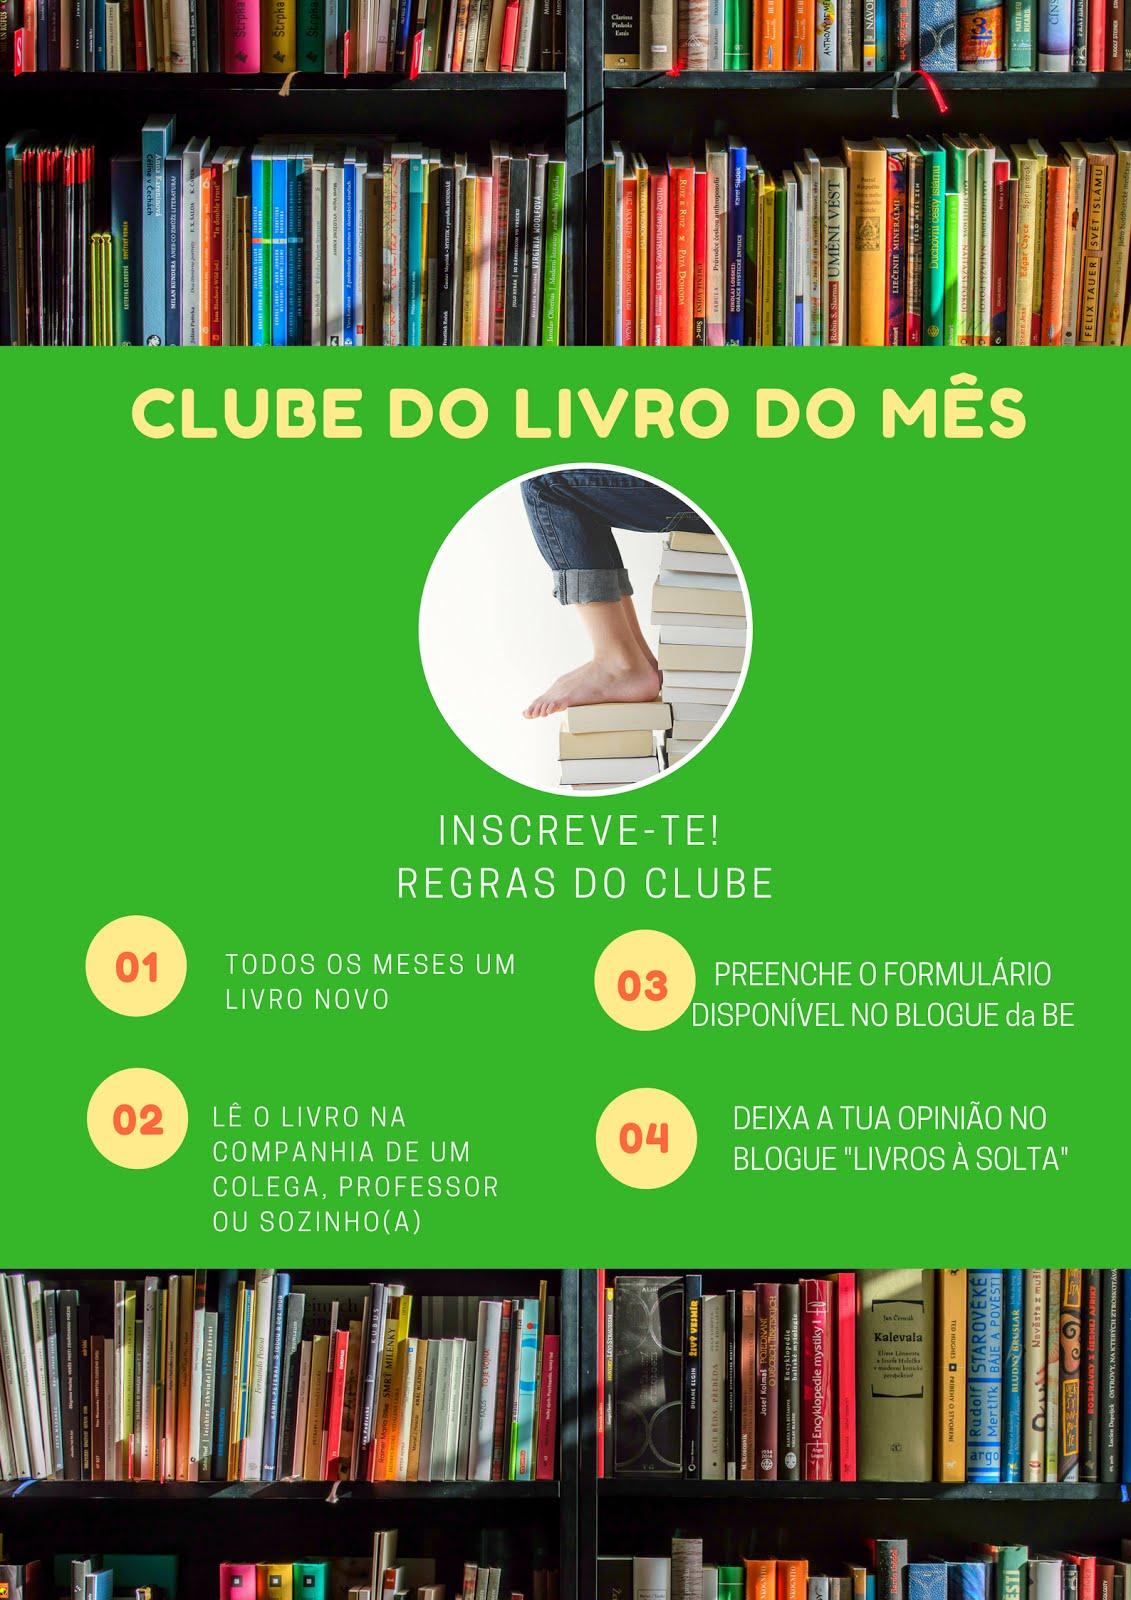 Clube do Livro do mês